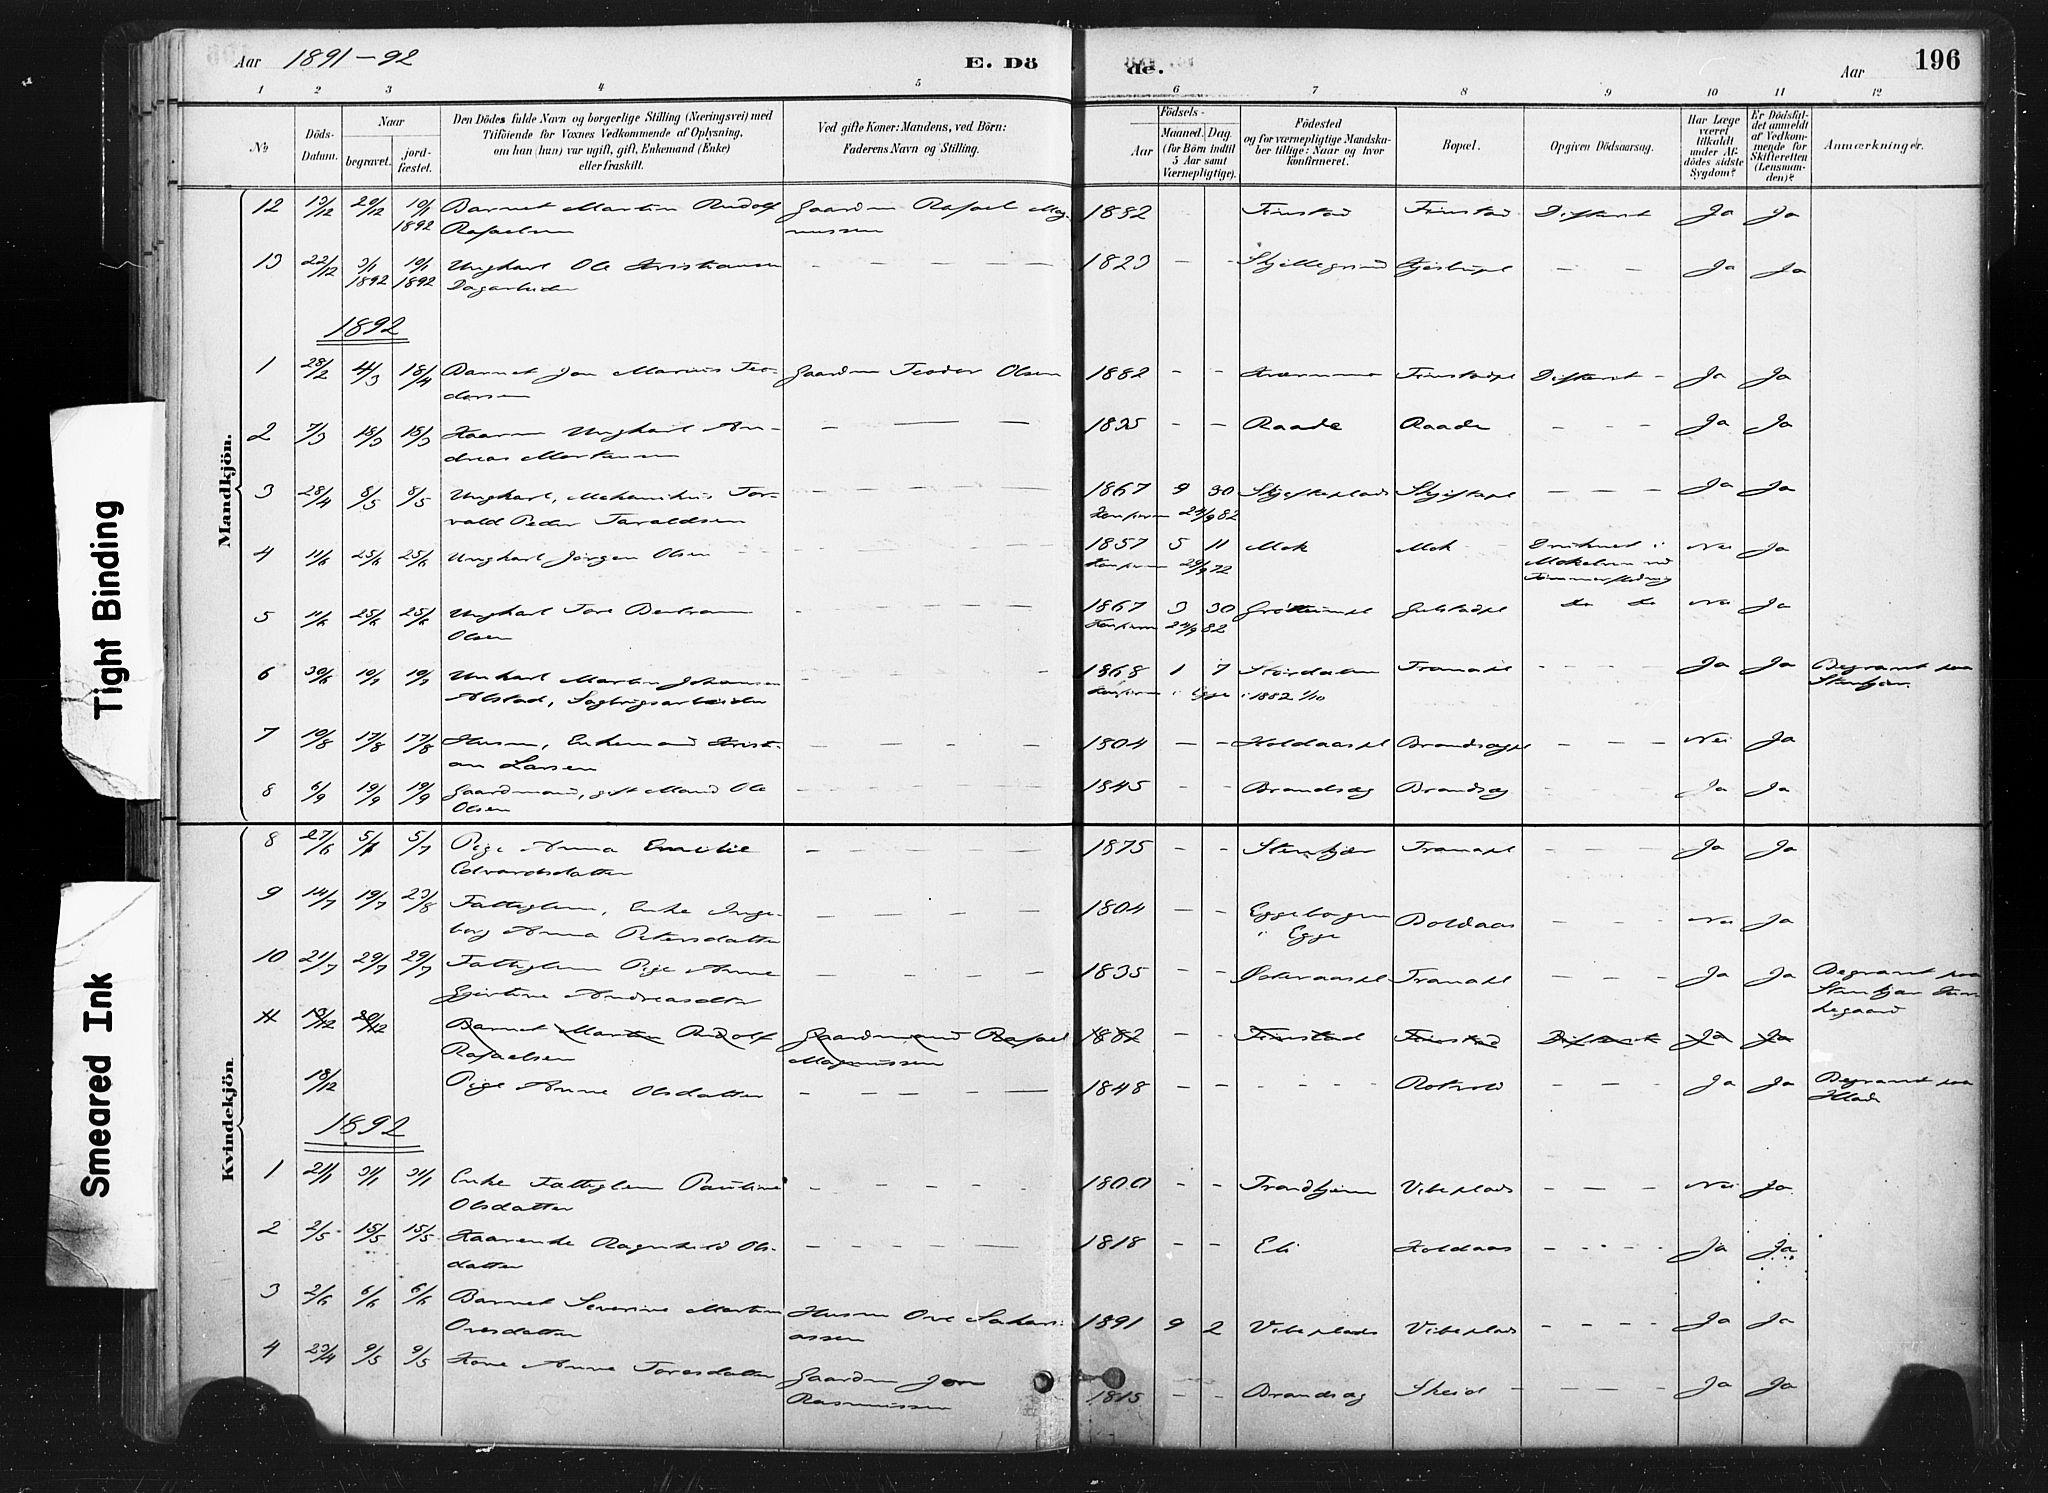 SAT, Ministerialprotokoller, klokkerbøker og fødselsregistre - Nord-Trøndelag, 736/L0361: Ministerialbok nr. 736A01, 1884-1906, s. 196